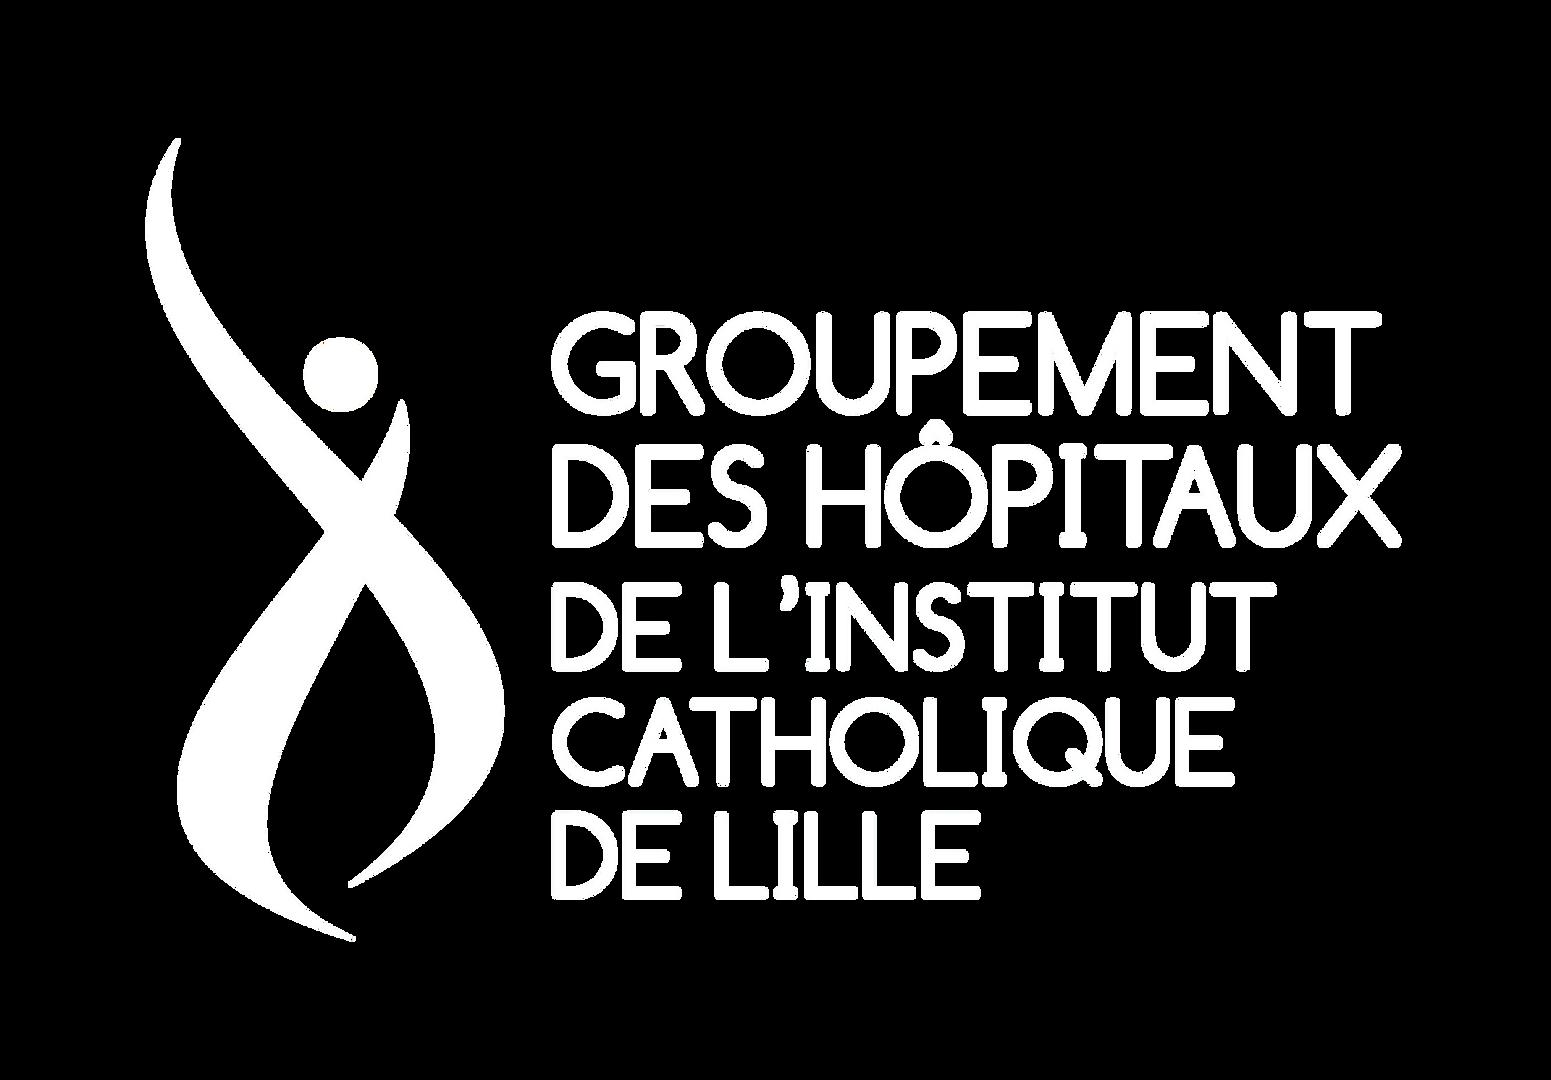 LOGO Groupement des hopitaux de l'instit